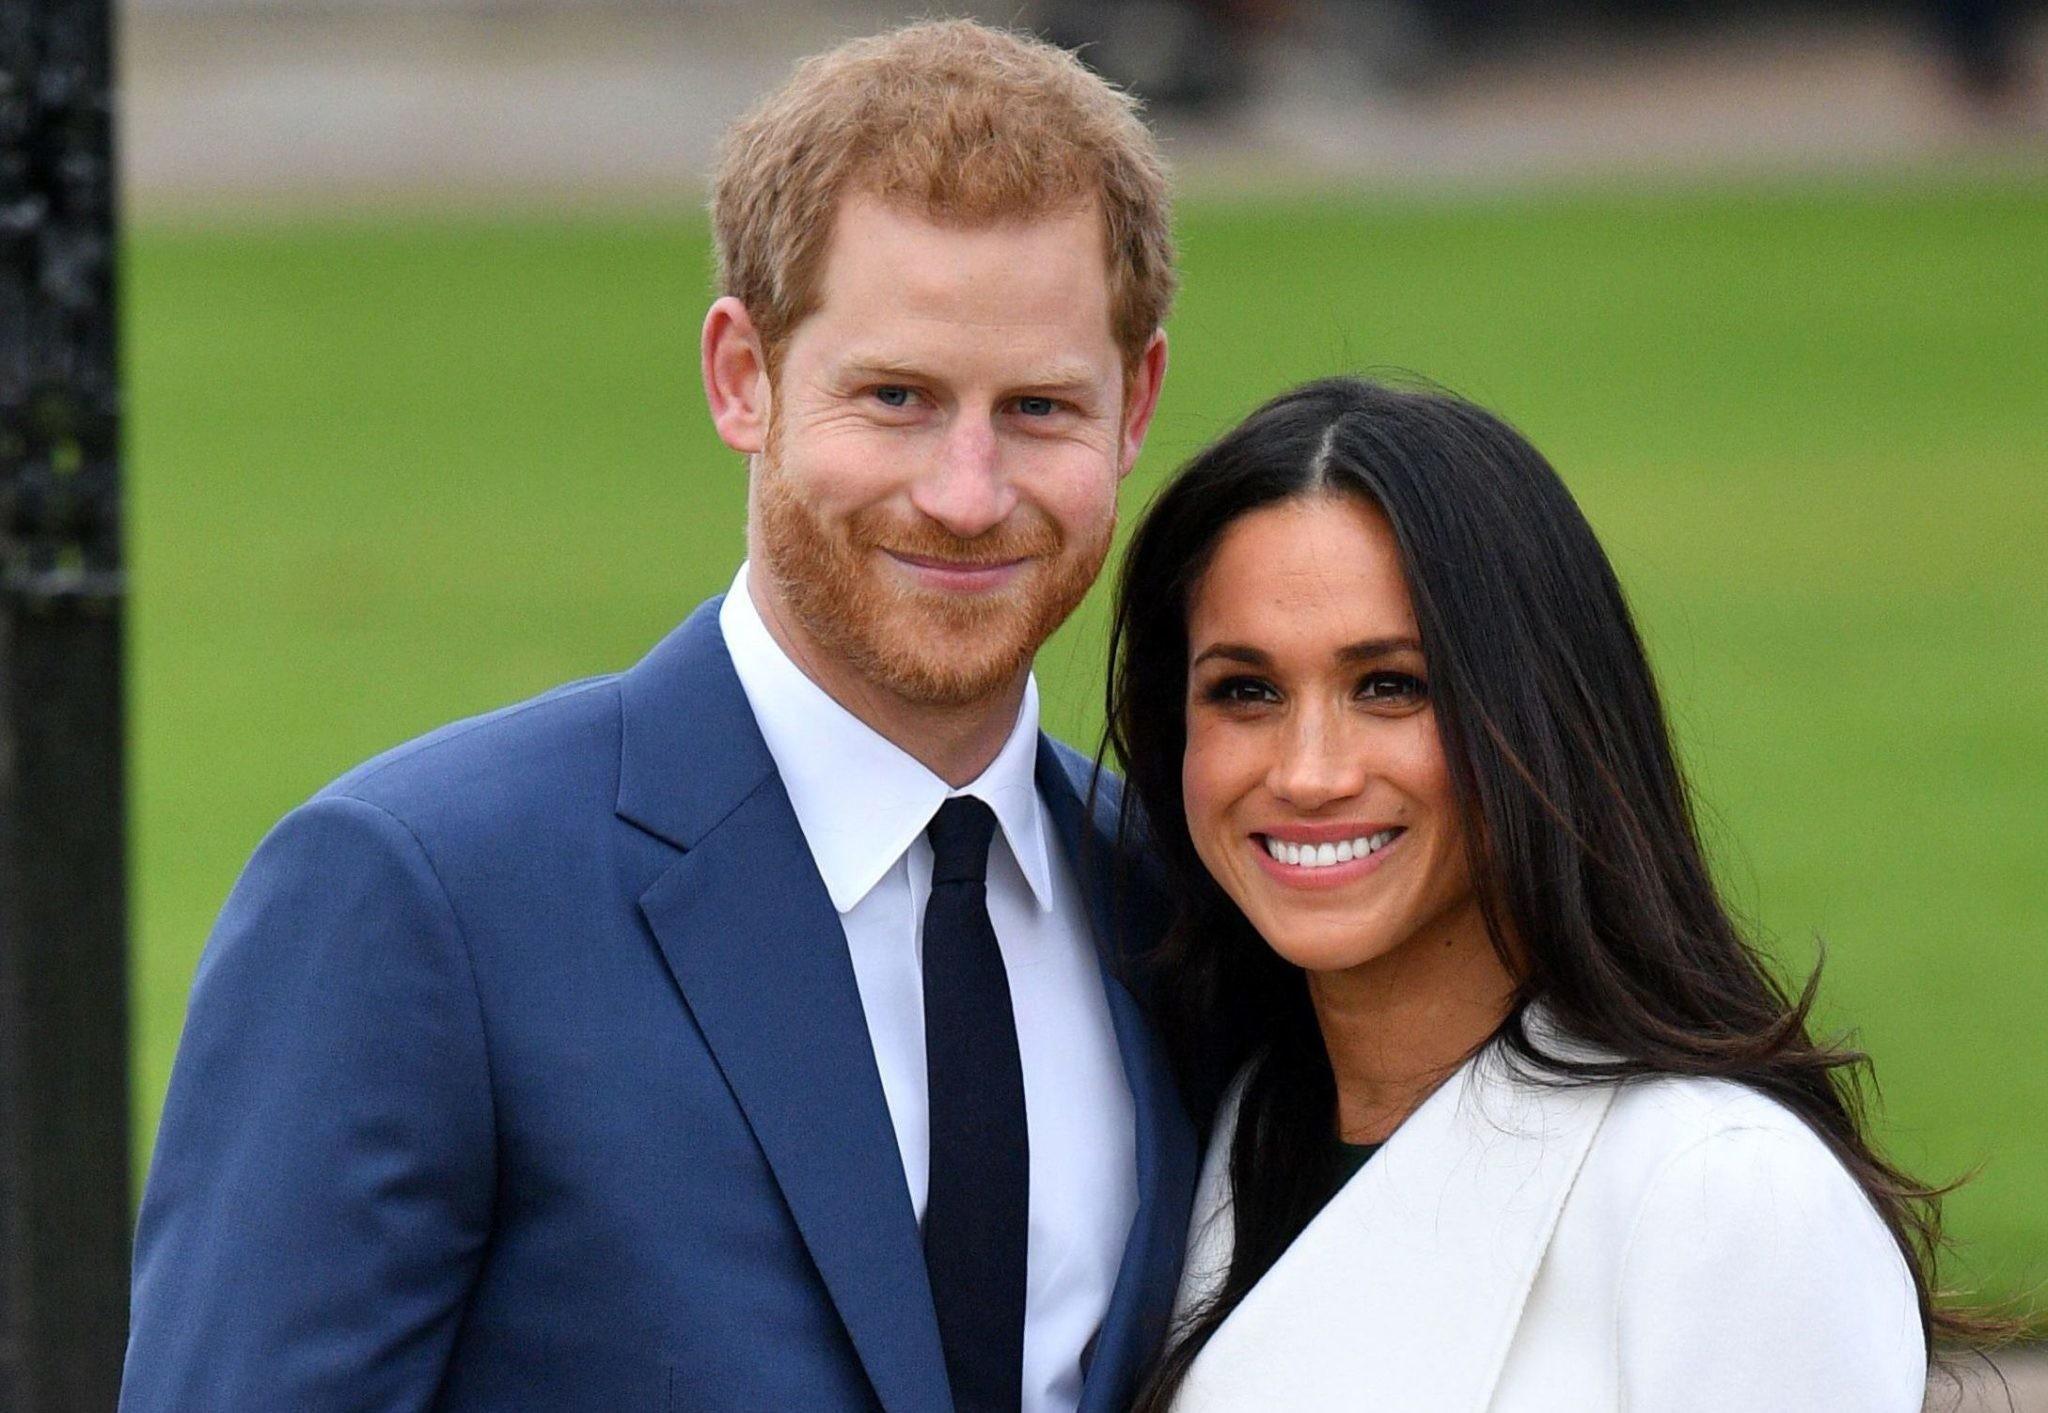 Меган Маркл шокировала королевский дворец детской выходкой